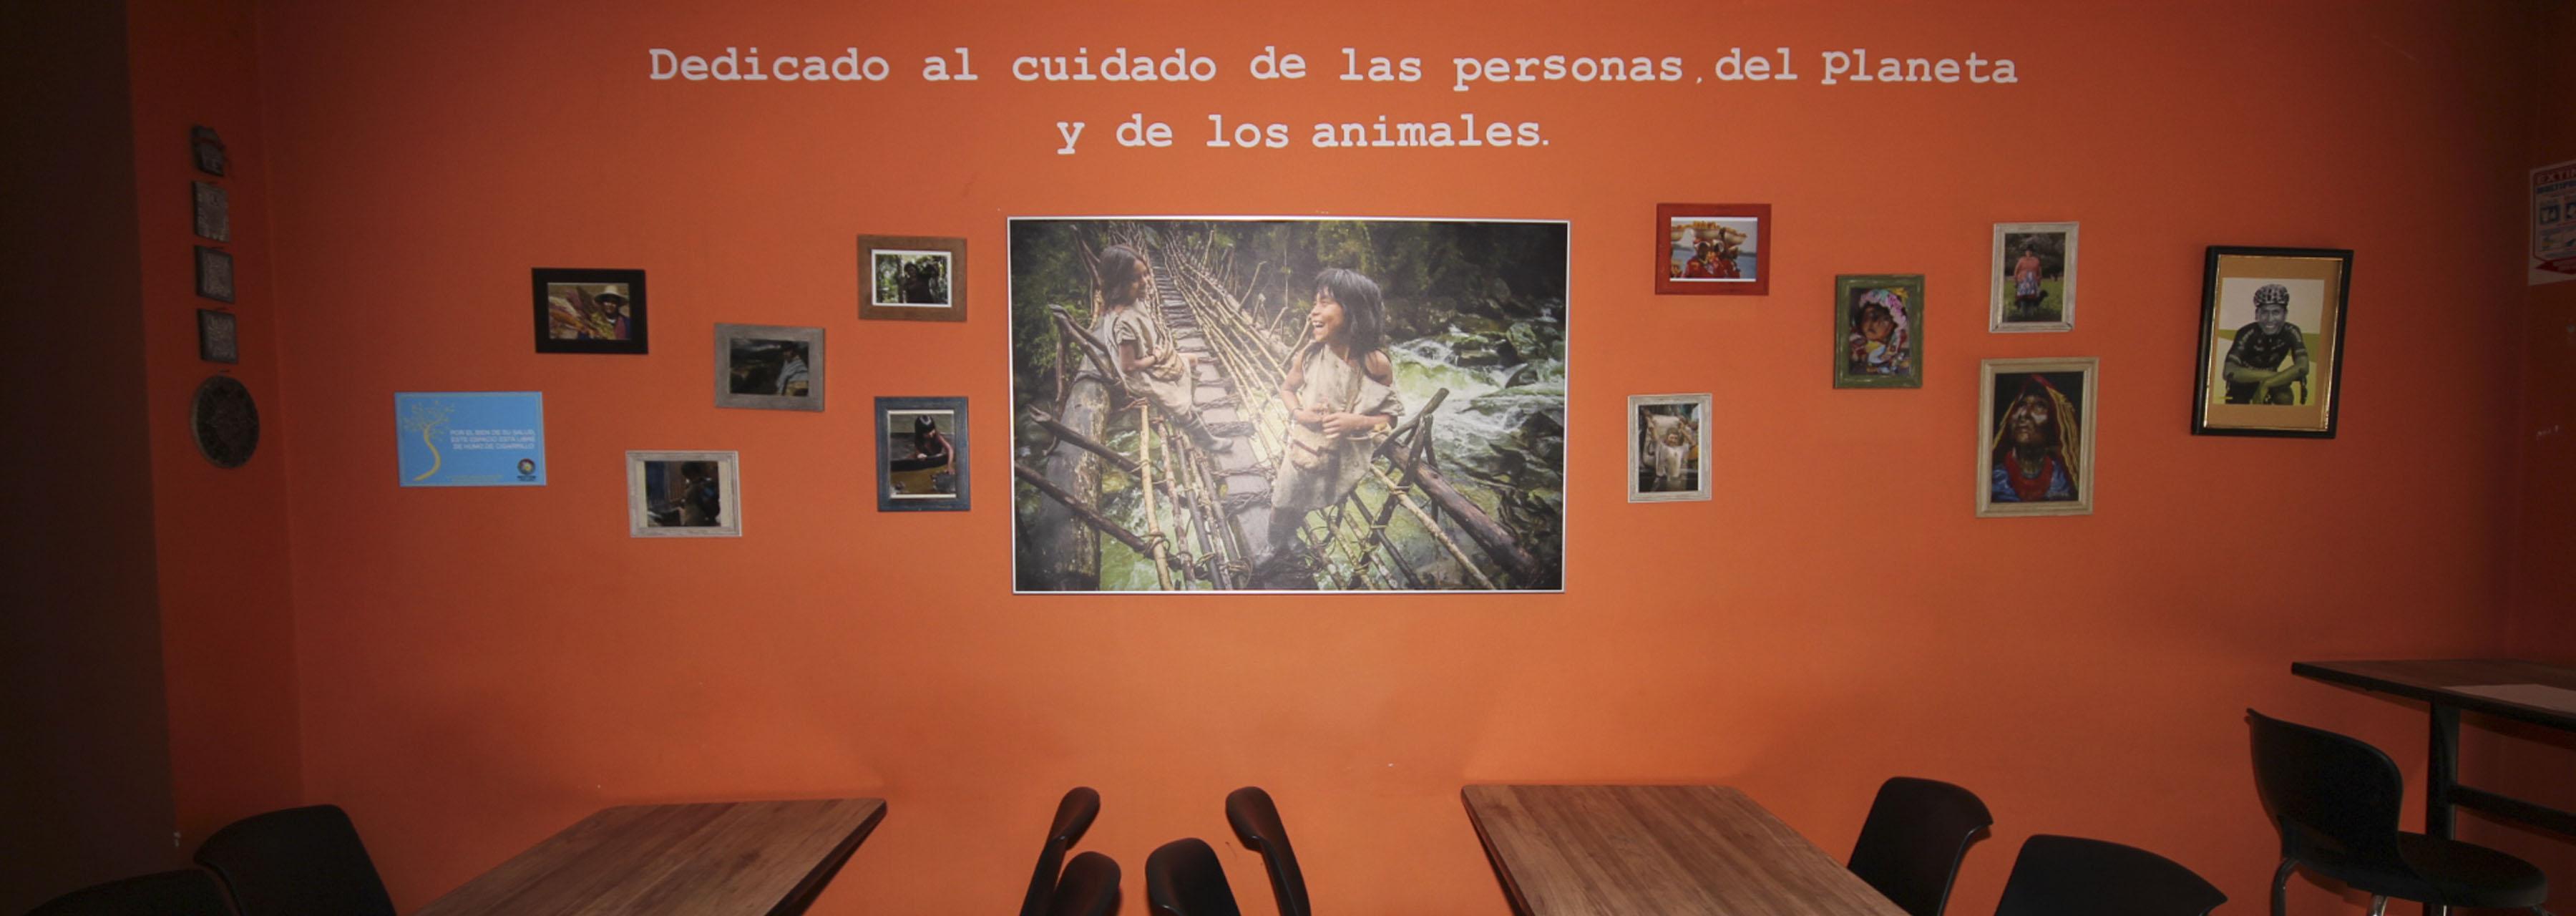 mestizo3.jpg